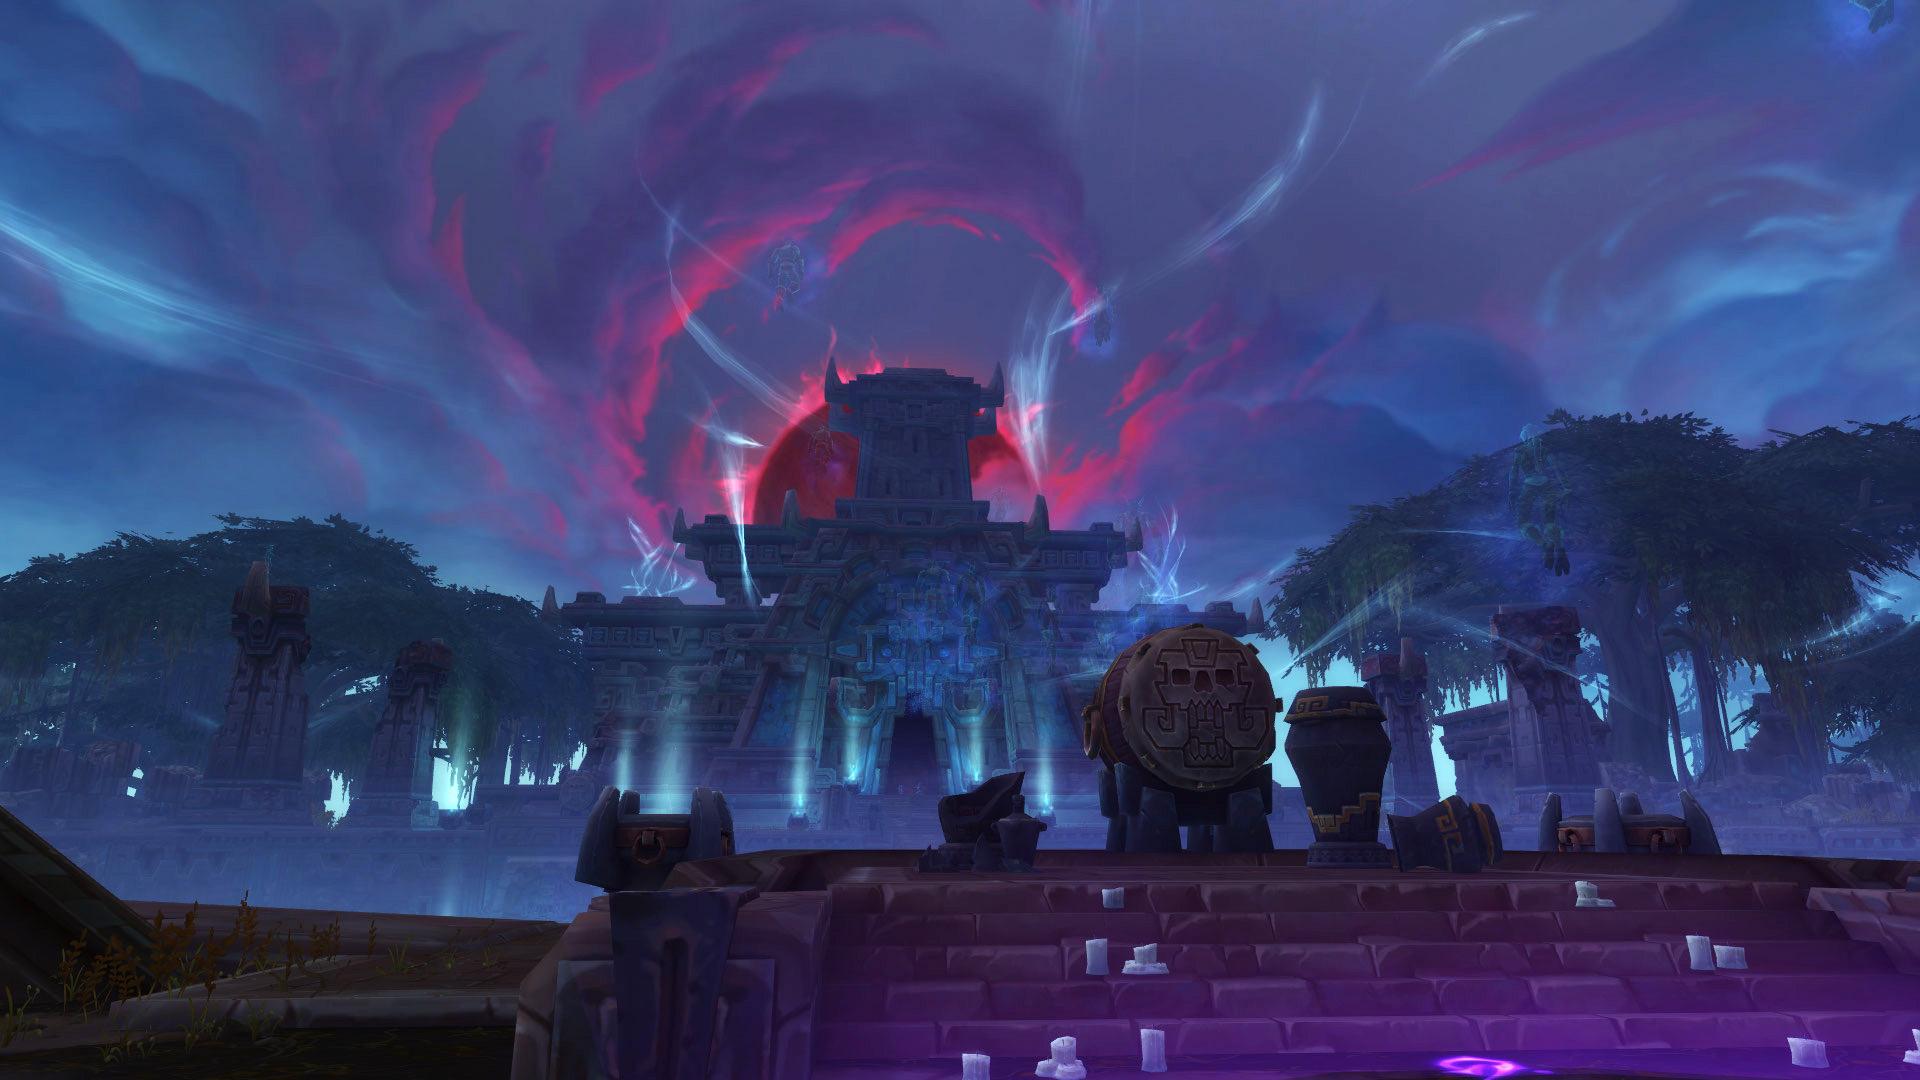 World of Warcraft Zandalar Mond